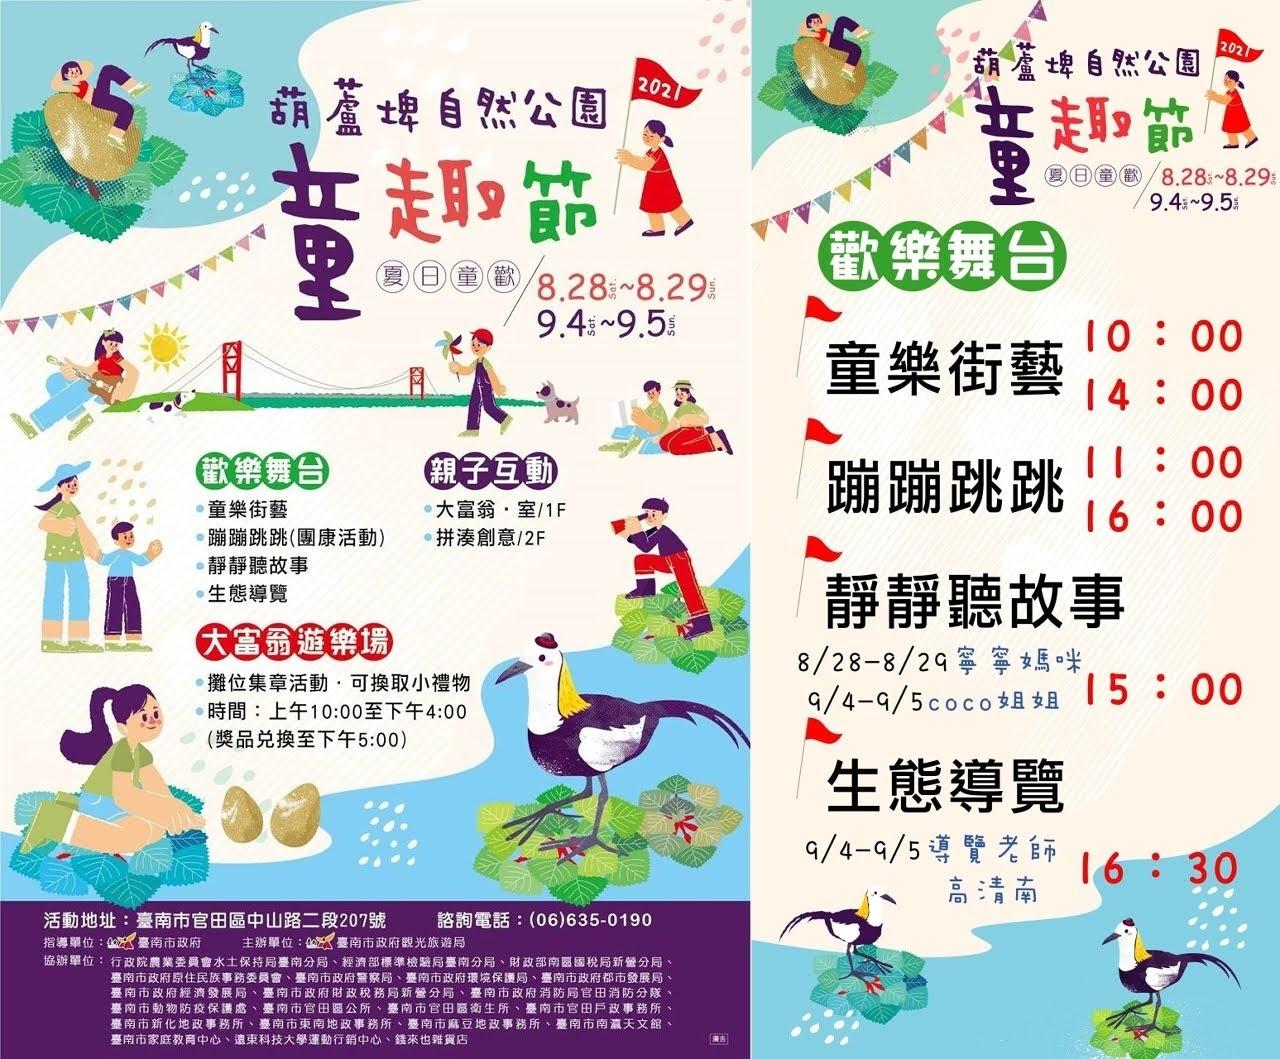 2021葫蘆埤童趣節|開學前最後fun一下吧!|活動